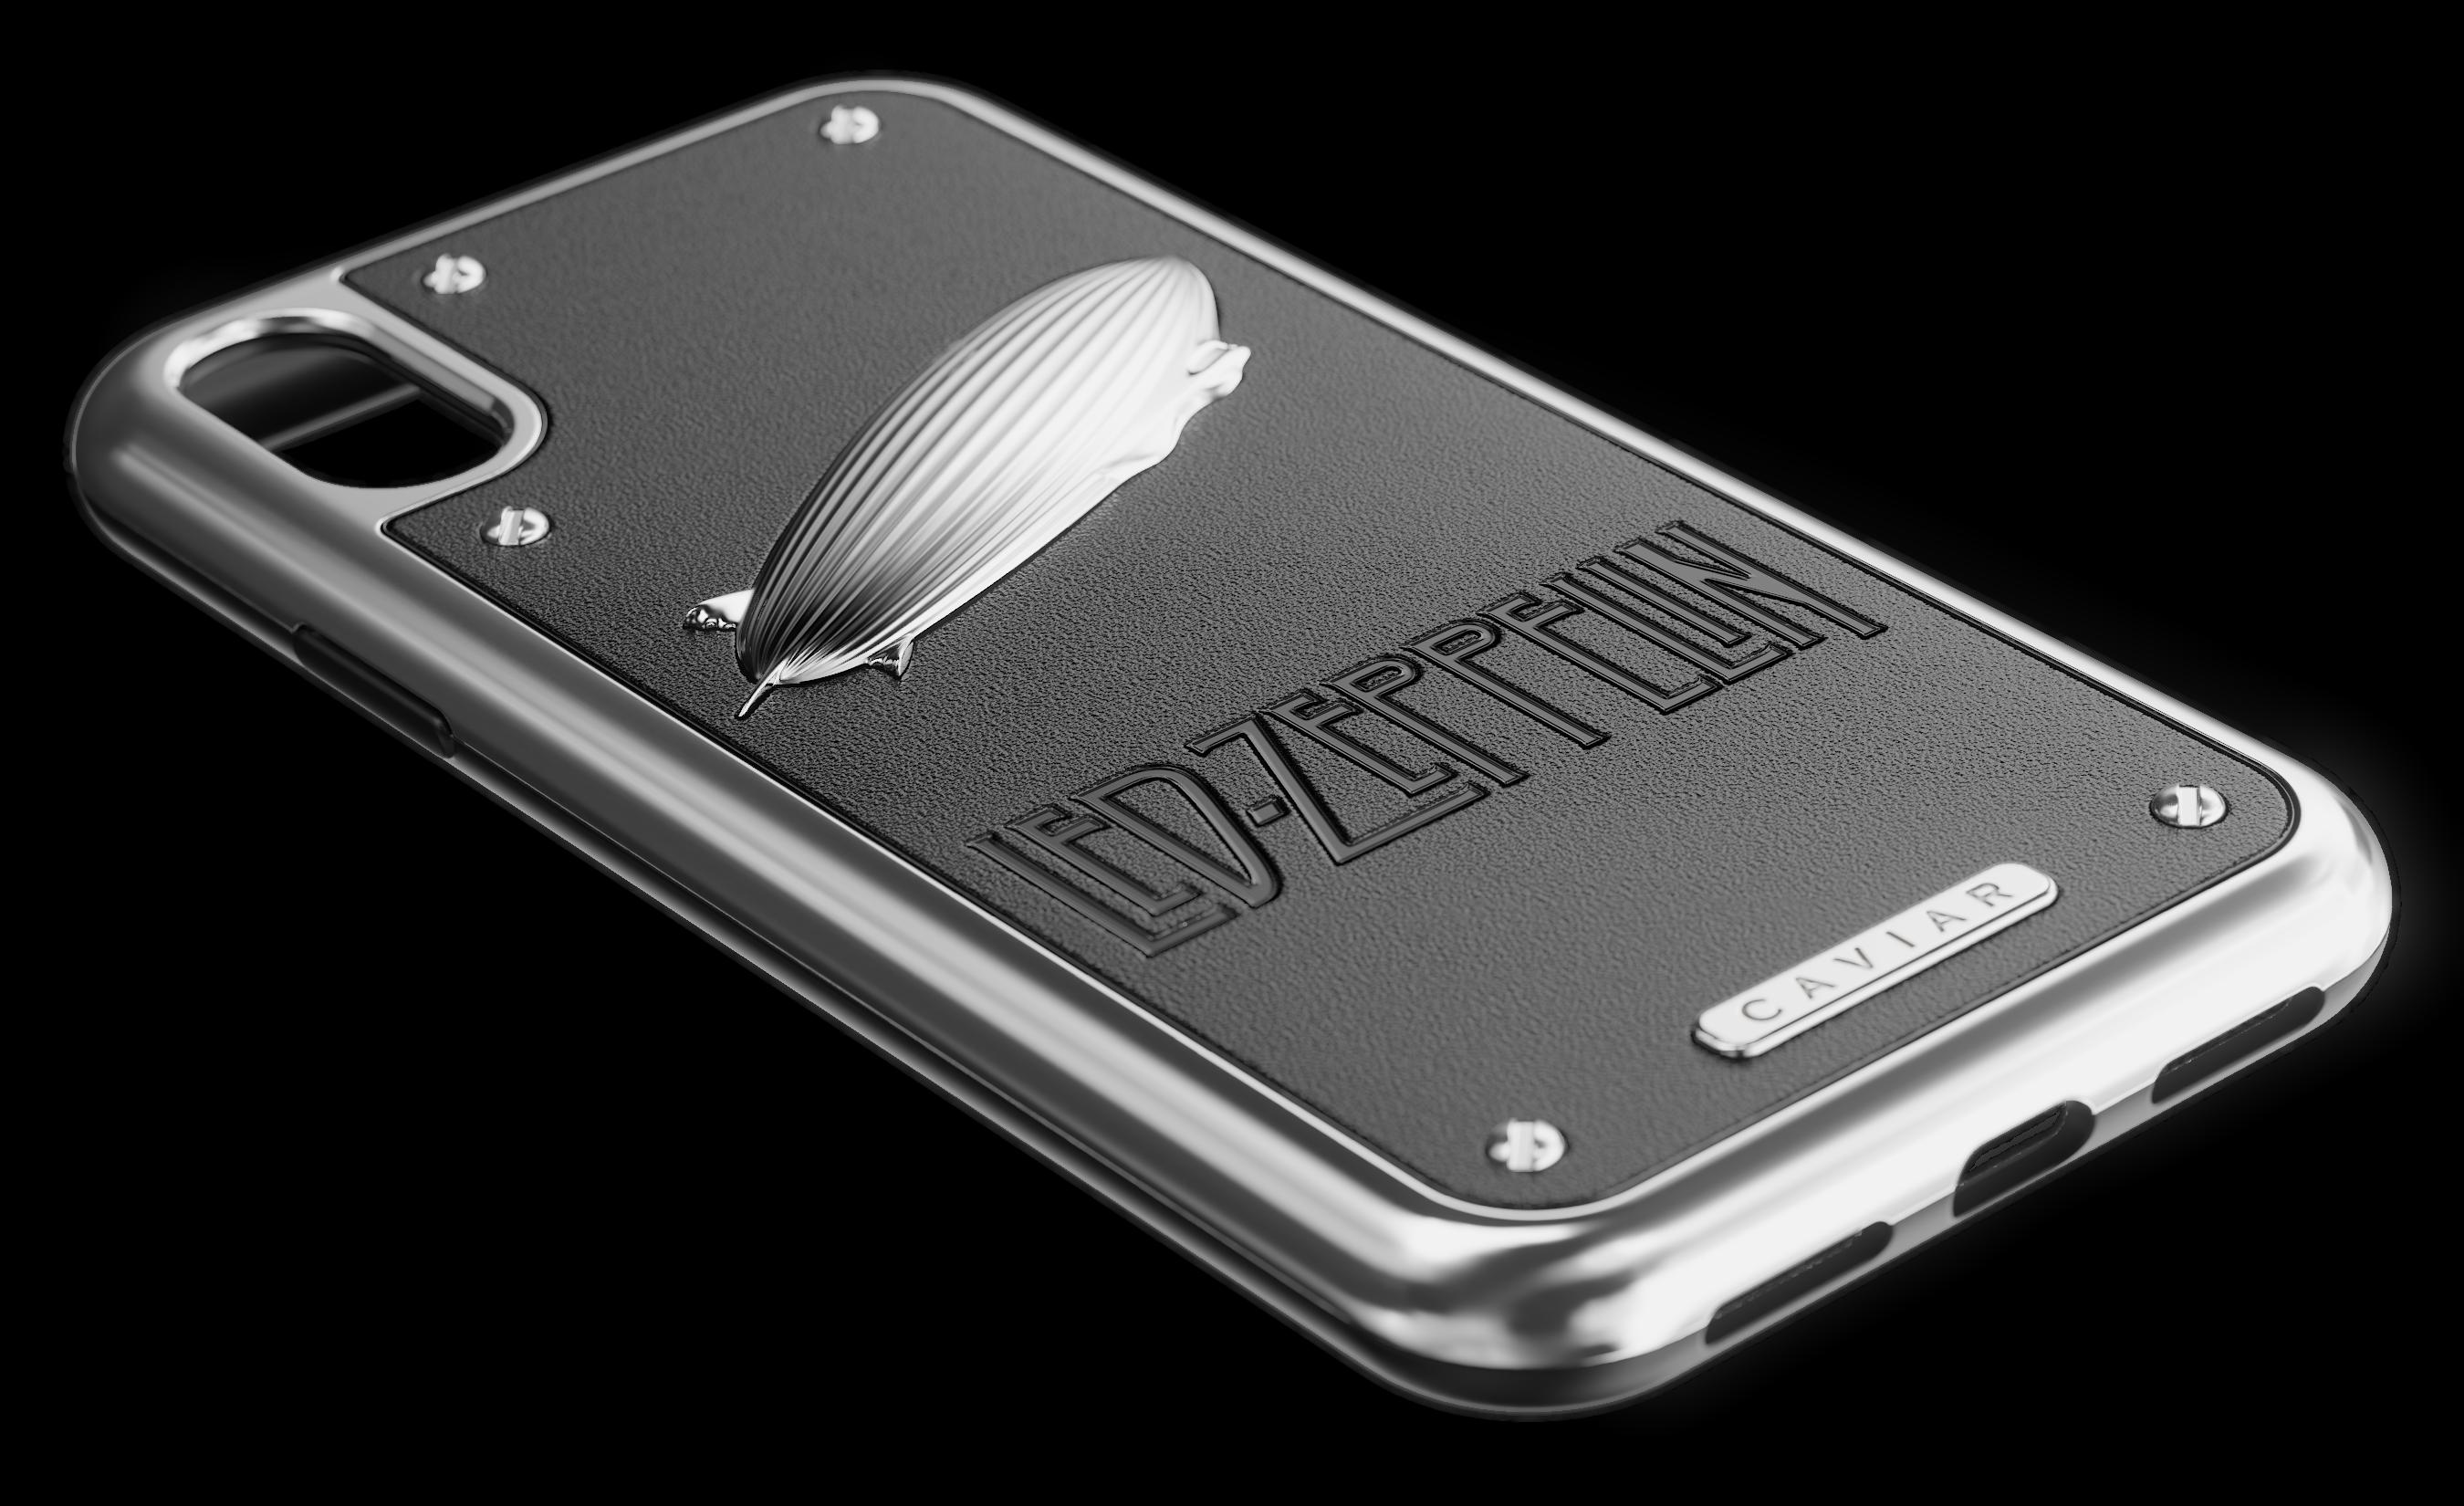 on sale 0a0fa e9e12 Led Zeppelin iPhone X case - Caviar